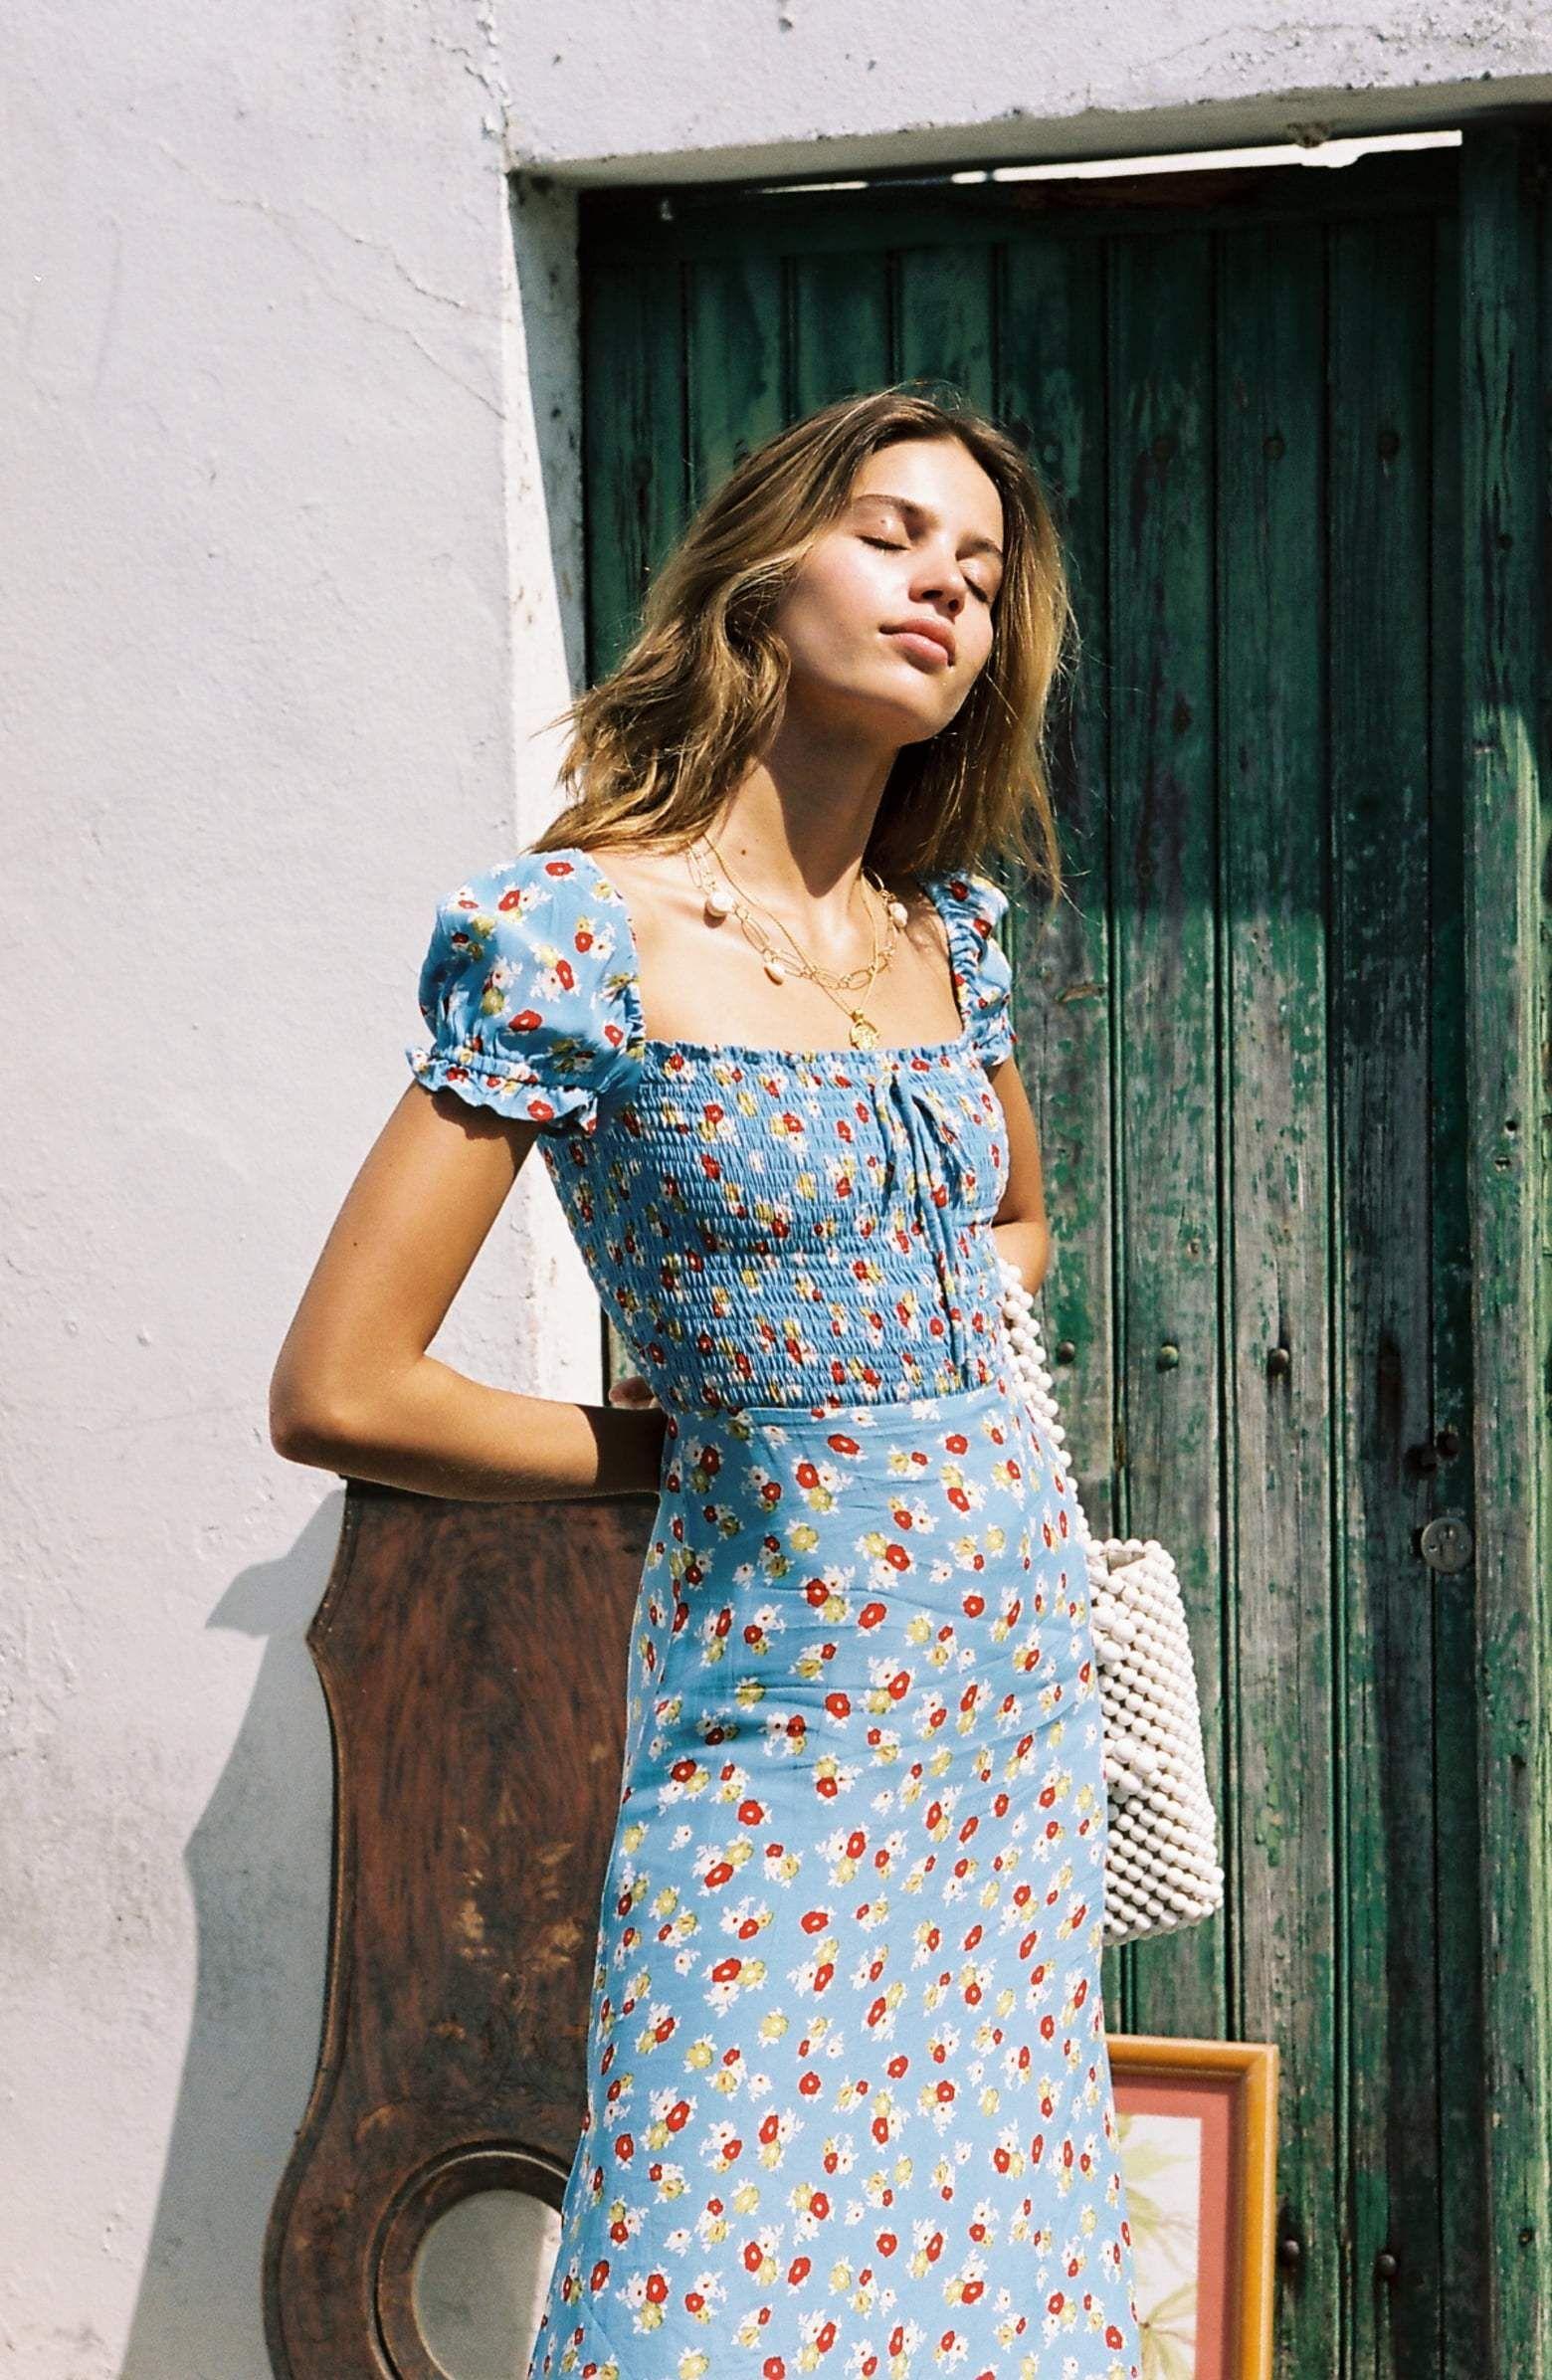 váy hoa đi biển xanh dương